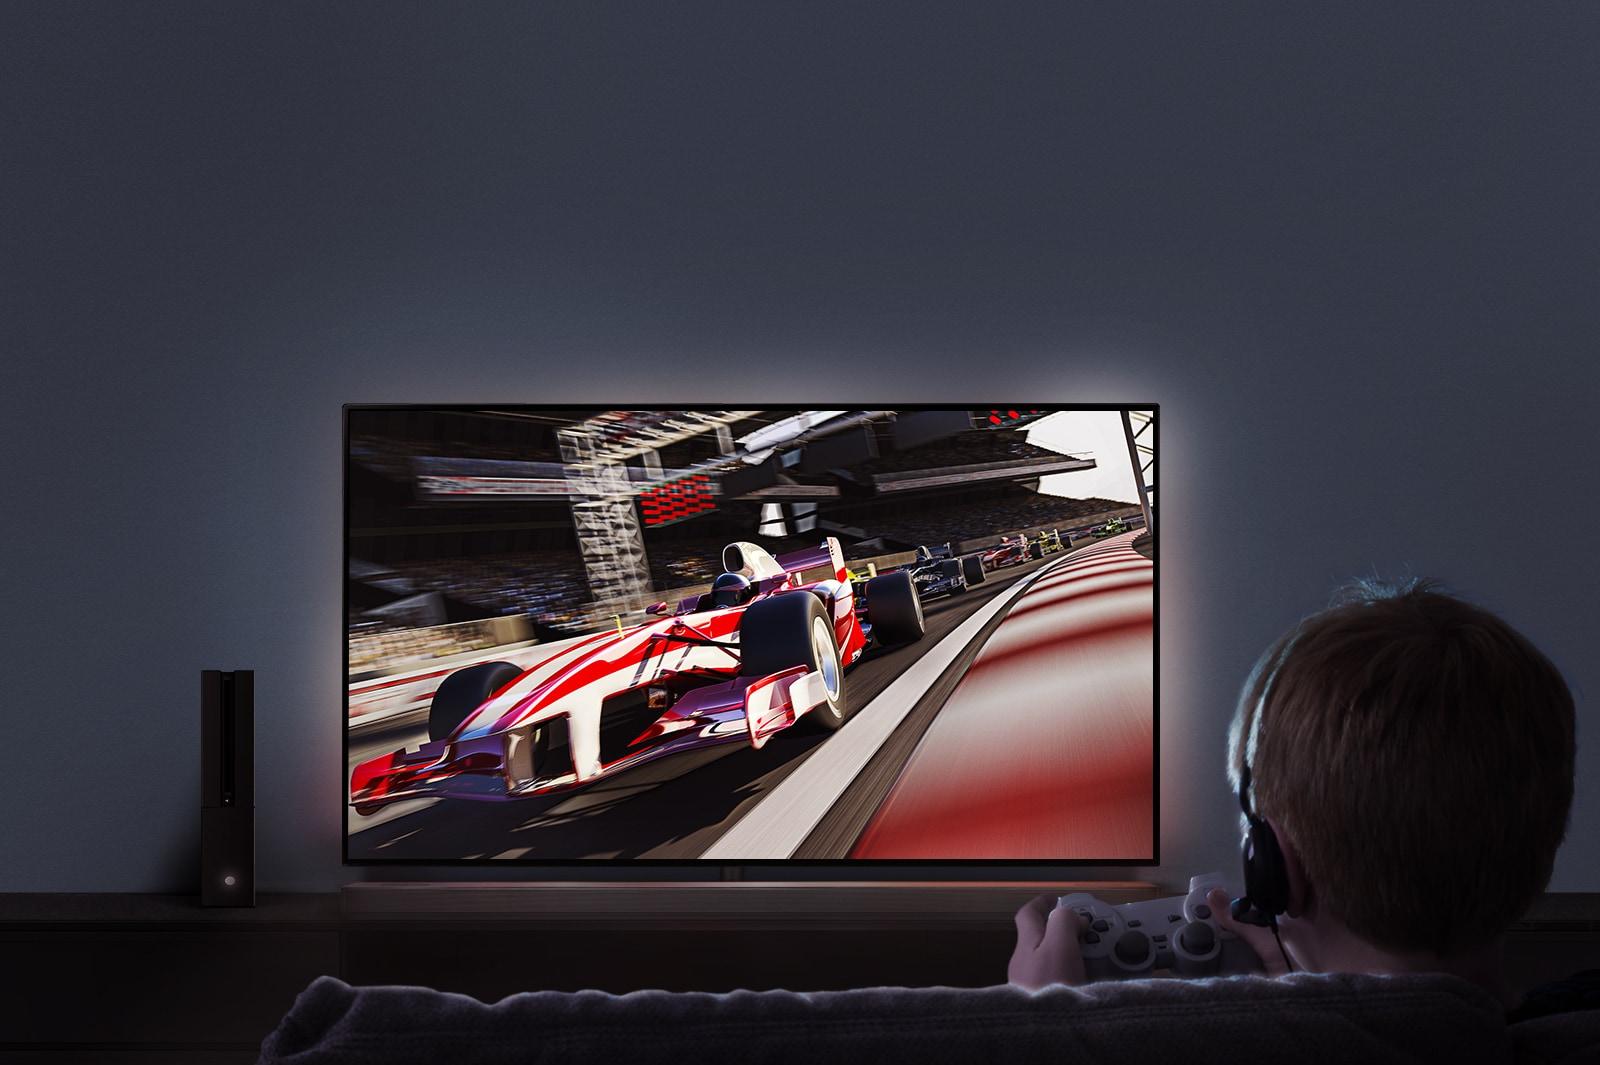 09_SK85_AS_Game_TV_desktop